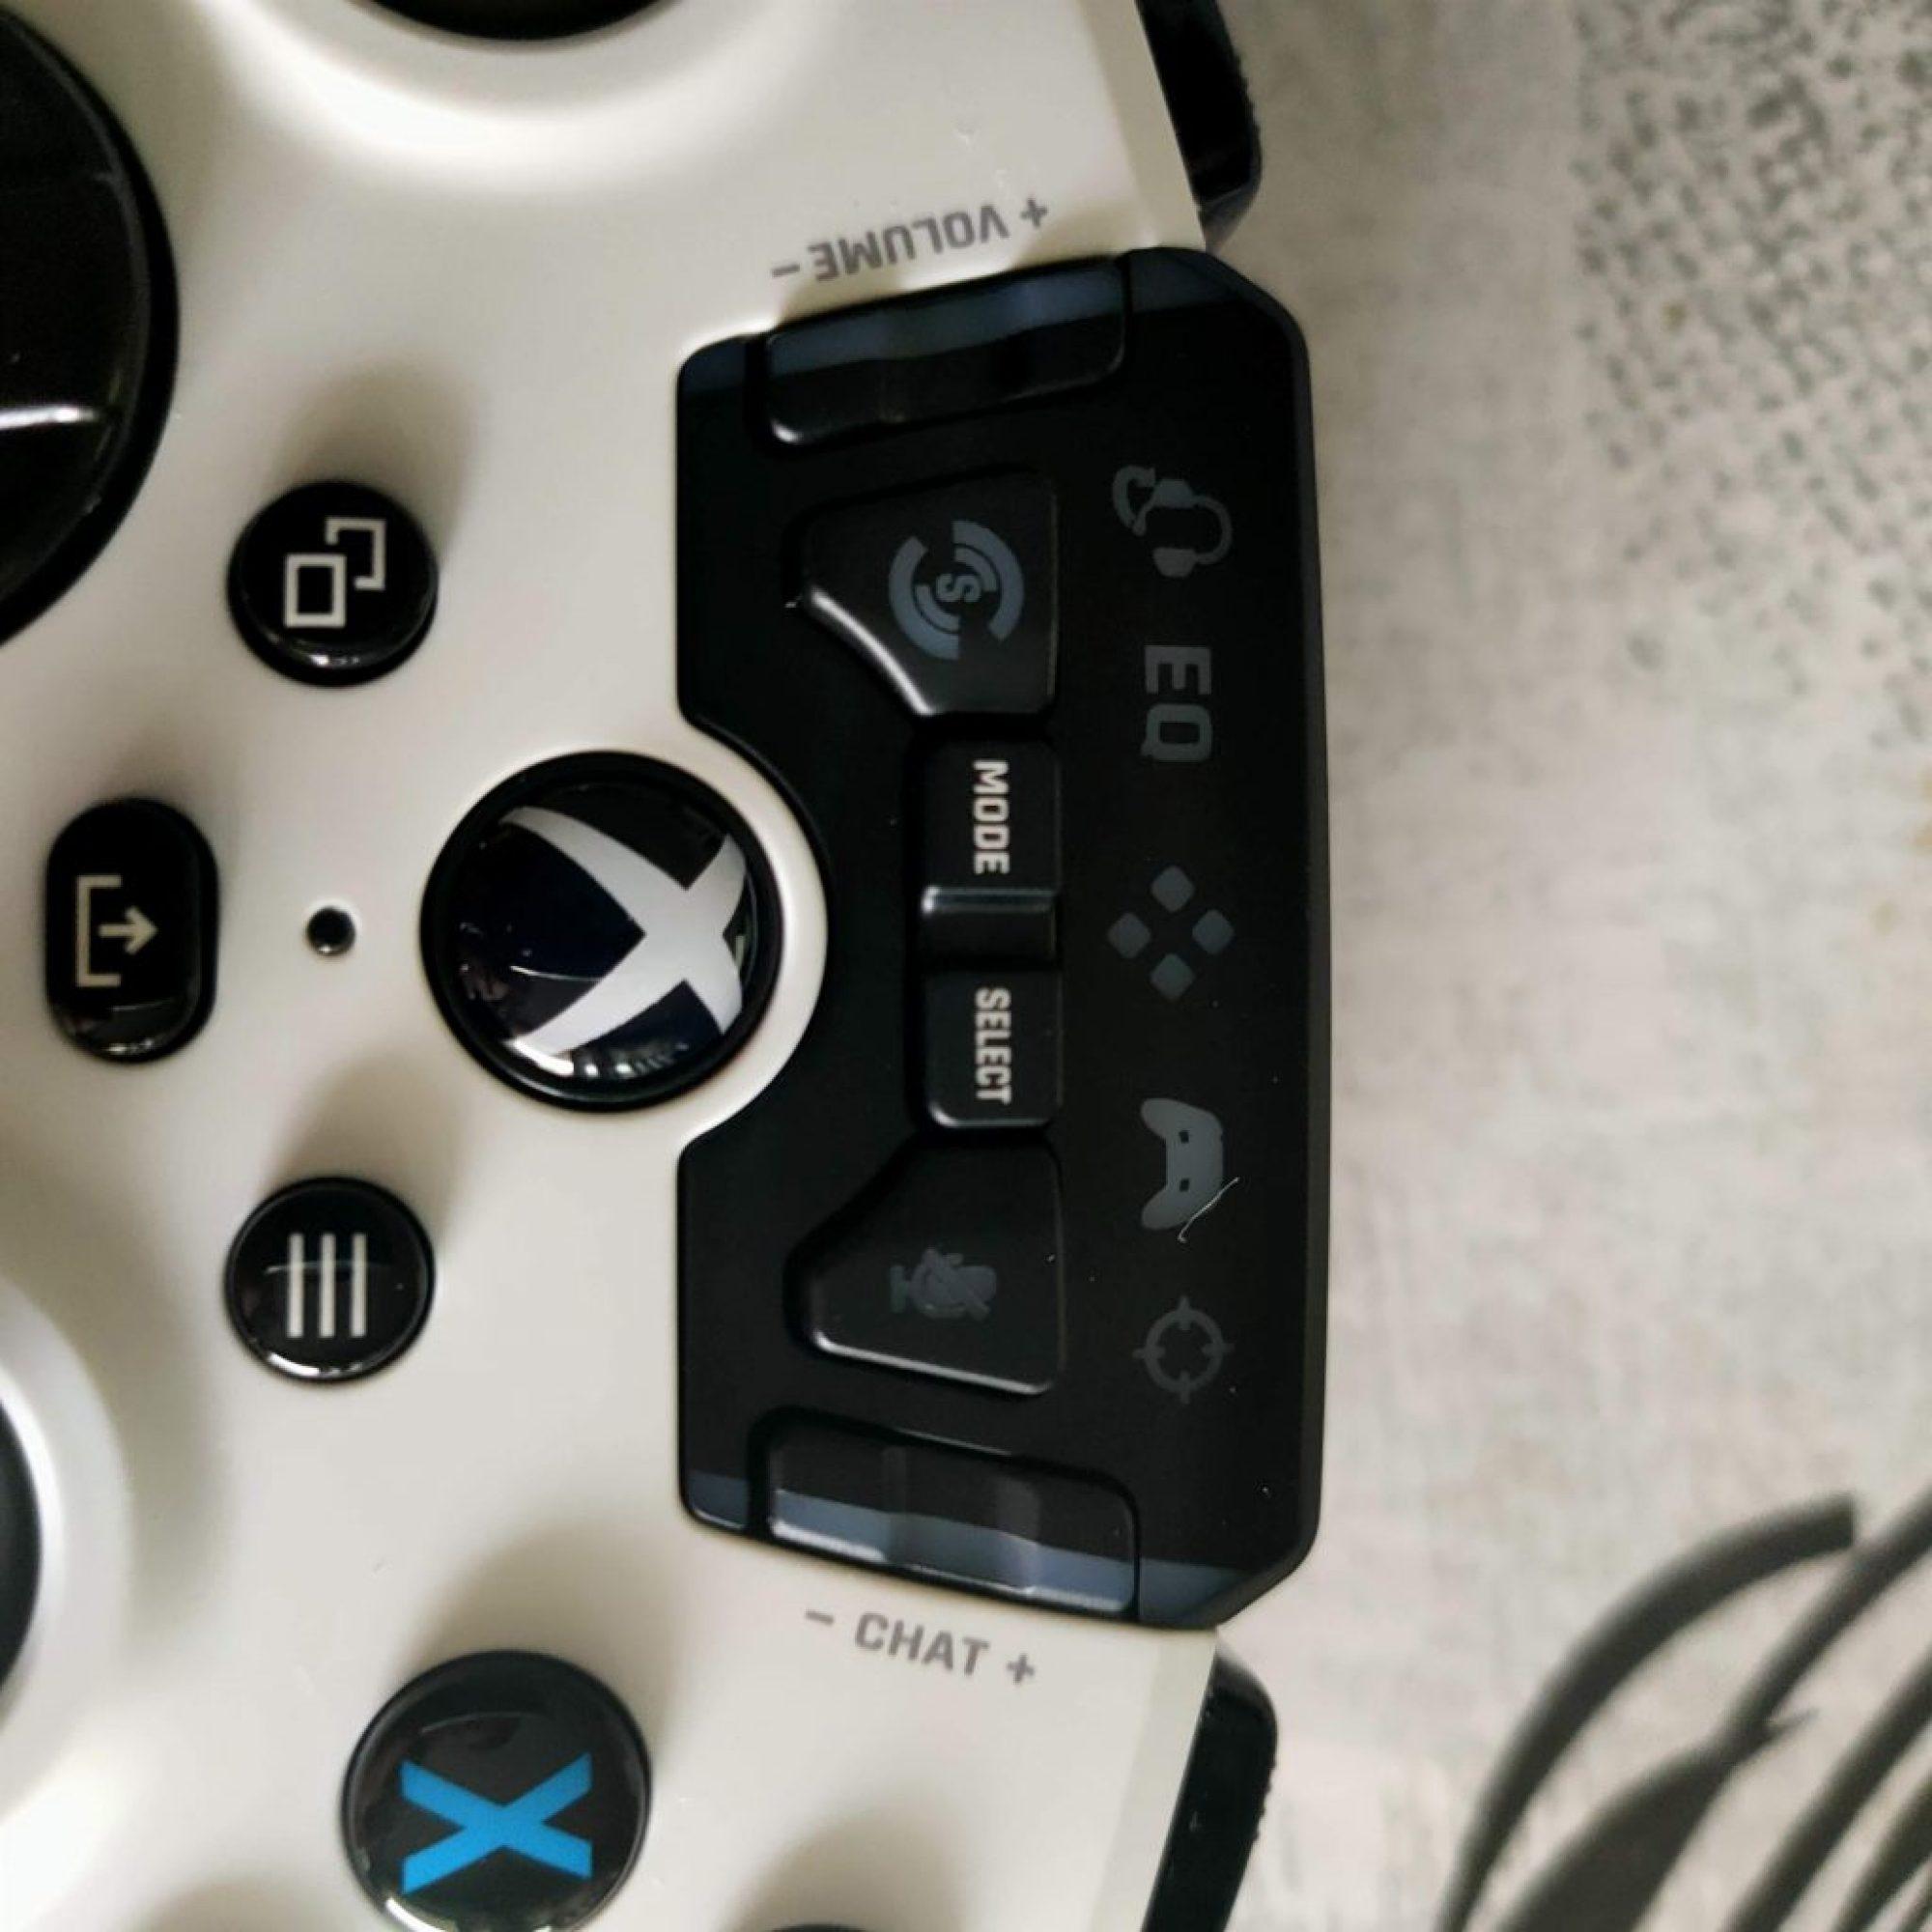 IMG20210902083816-1024x1024 Présentation de la manette Recon Controller de Turtle beach pour Xbox !